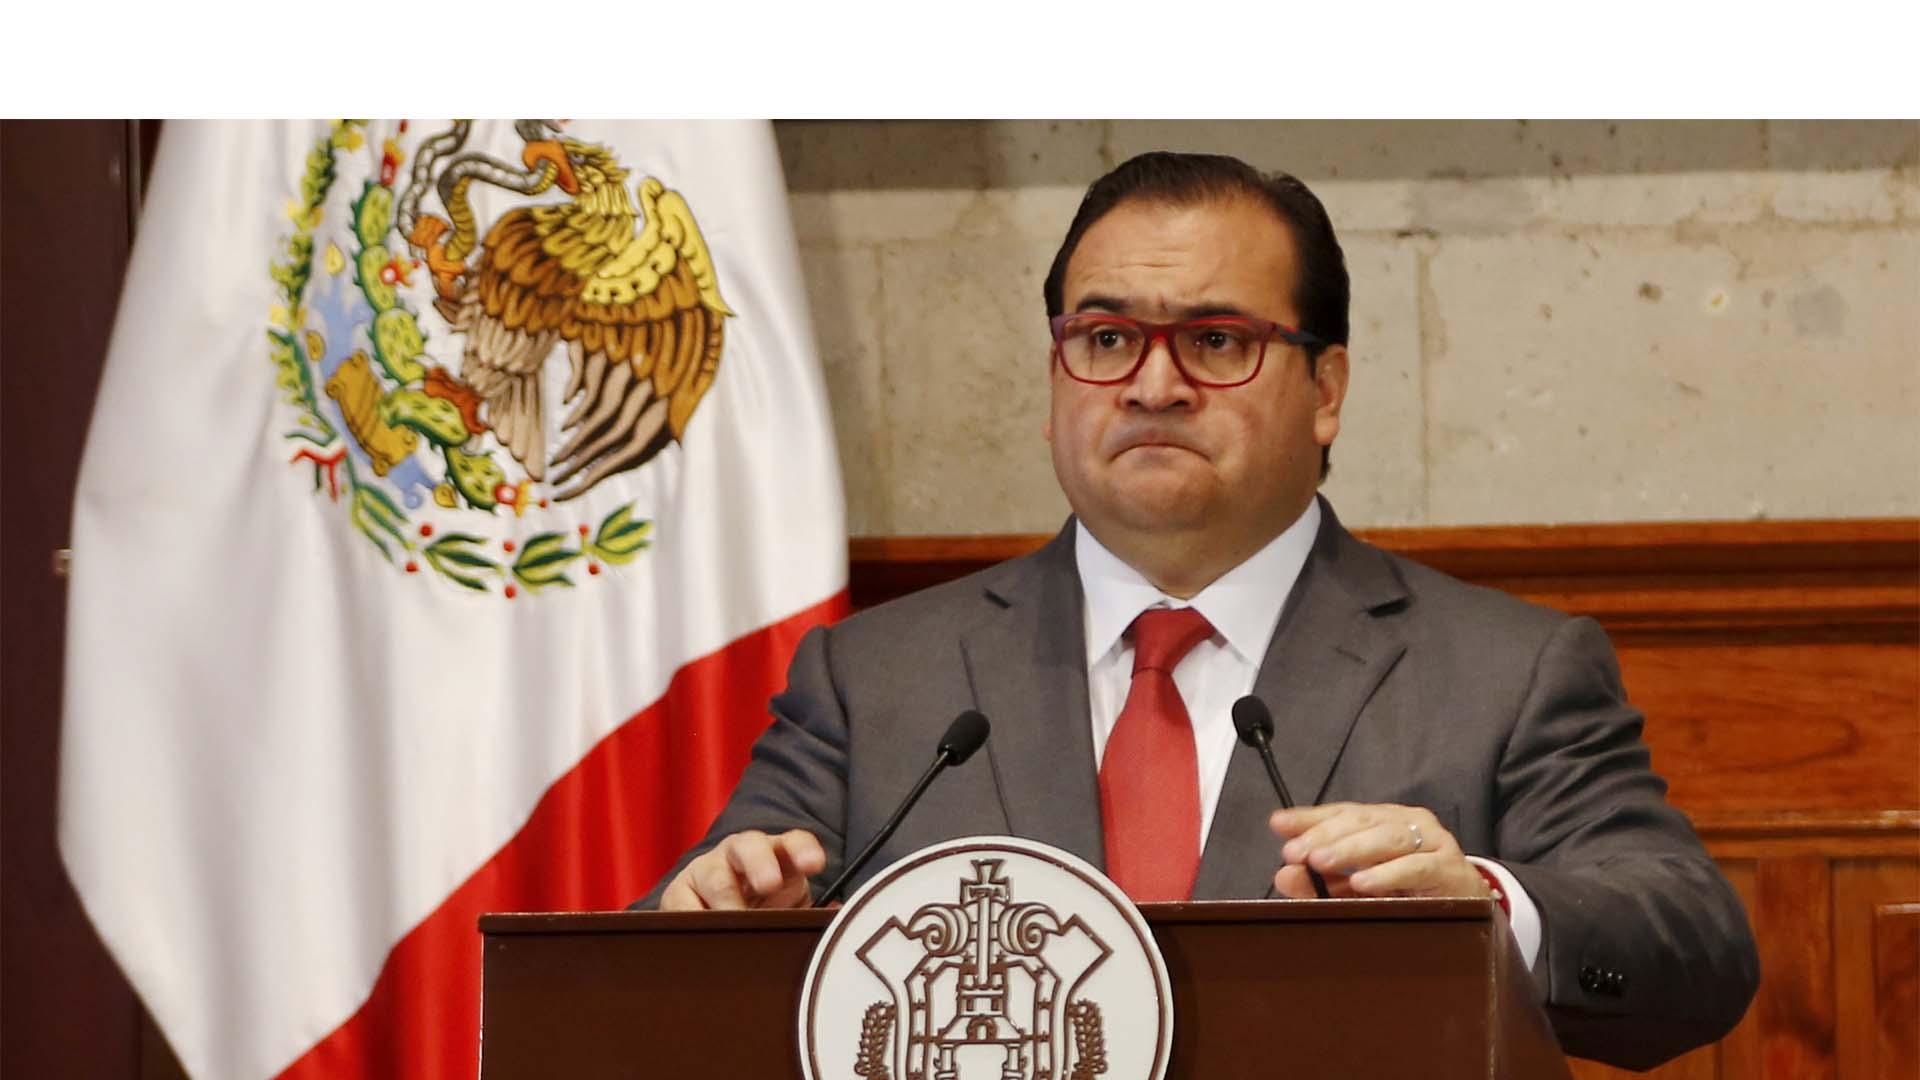 El ex gobernador de Veracruz culminaba su gestión mandataria el próximo 30 de noviembre pero hace una semana pidió licencia y se desconoce su paradero